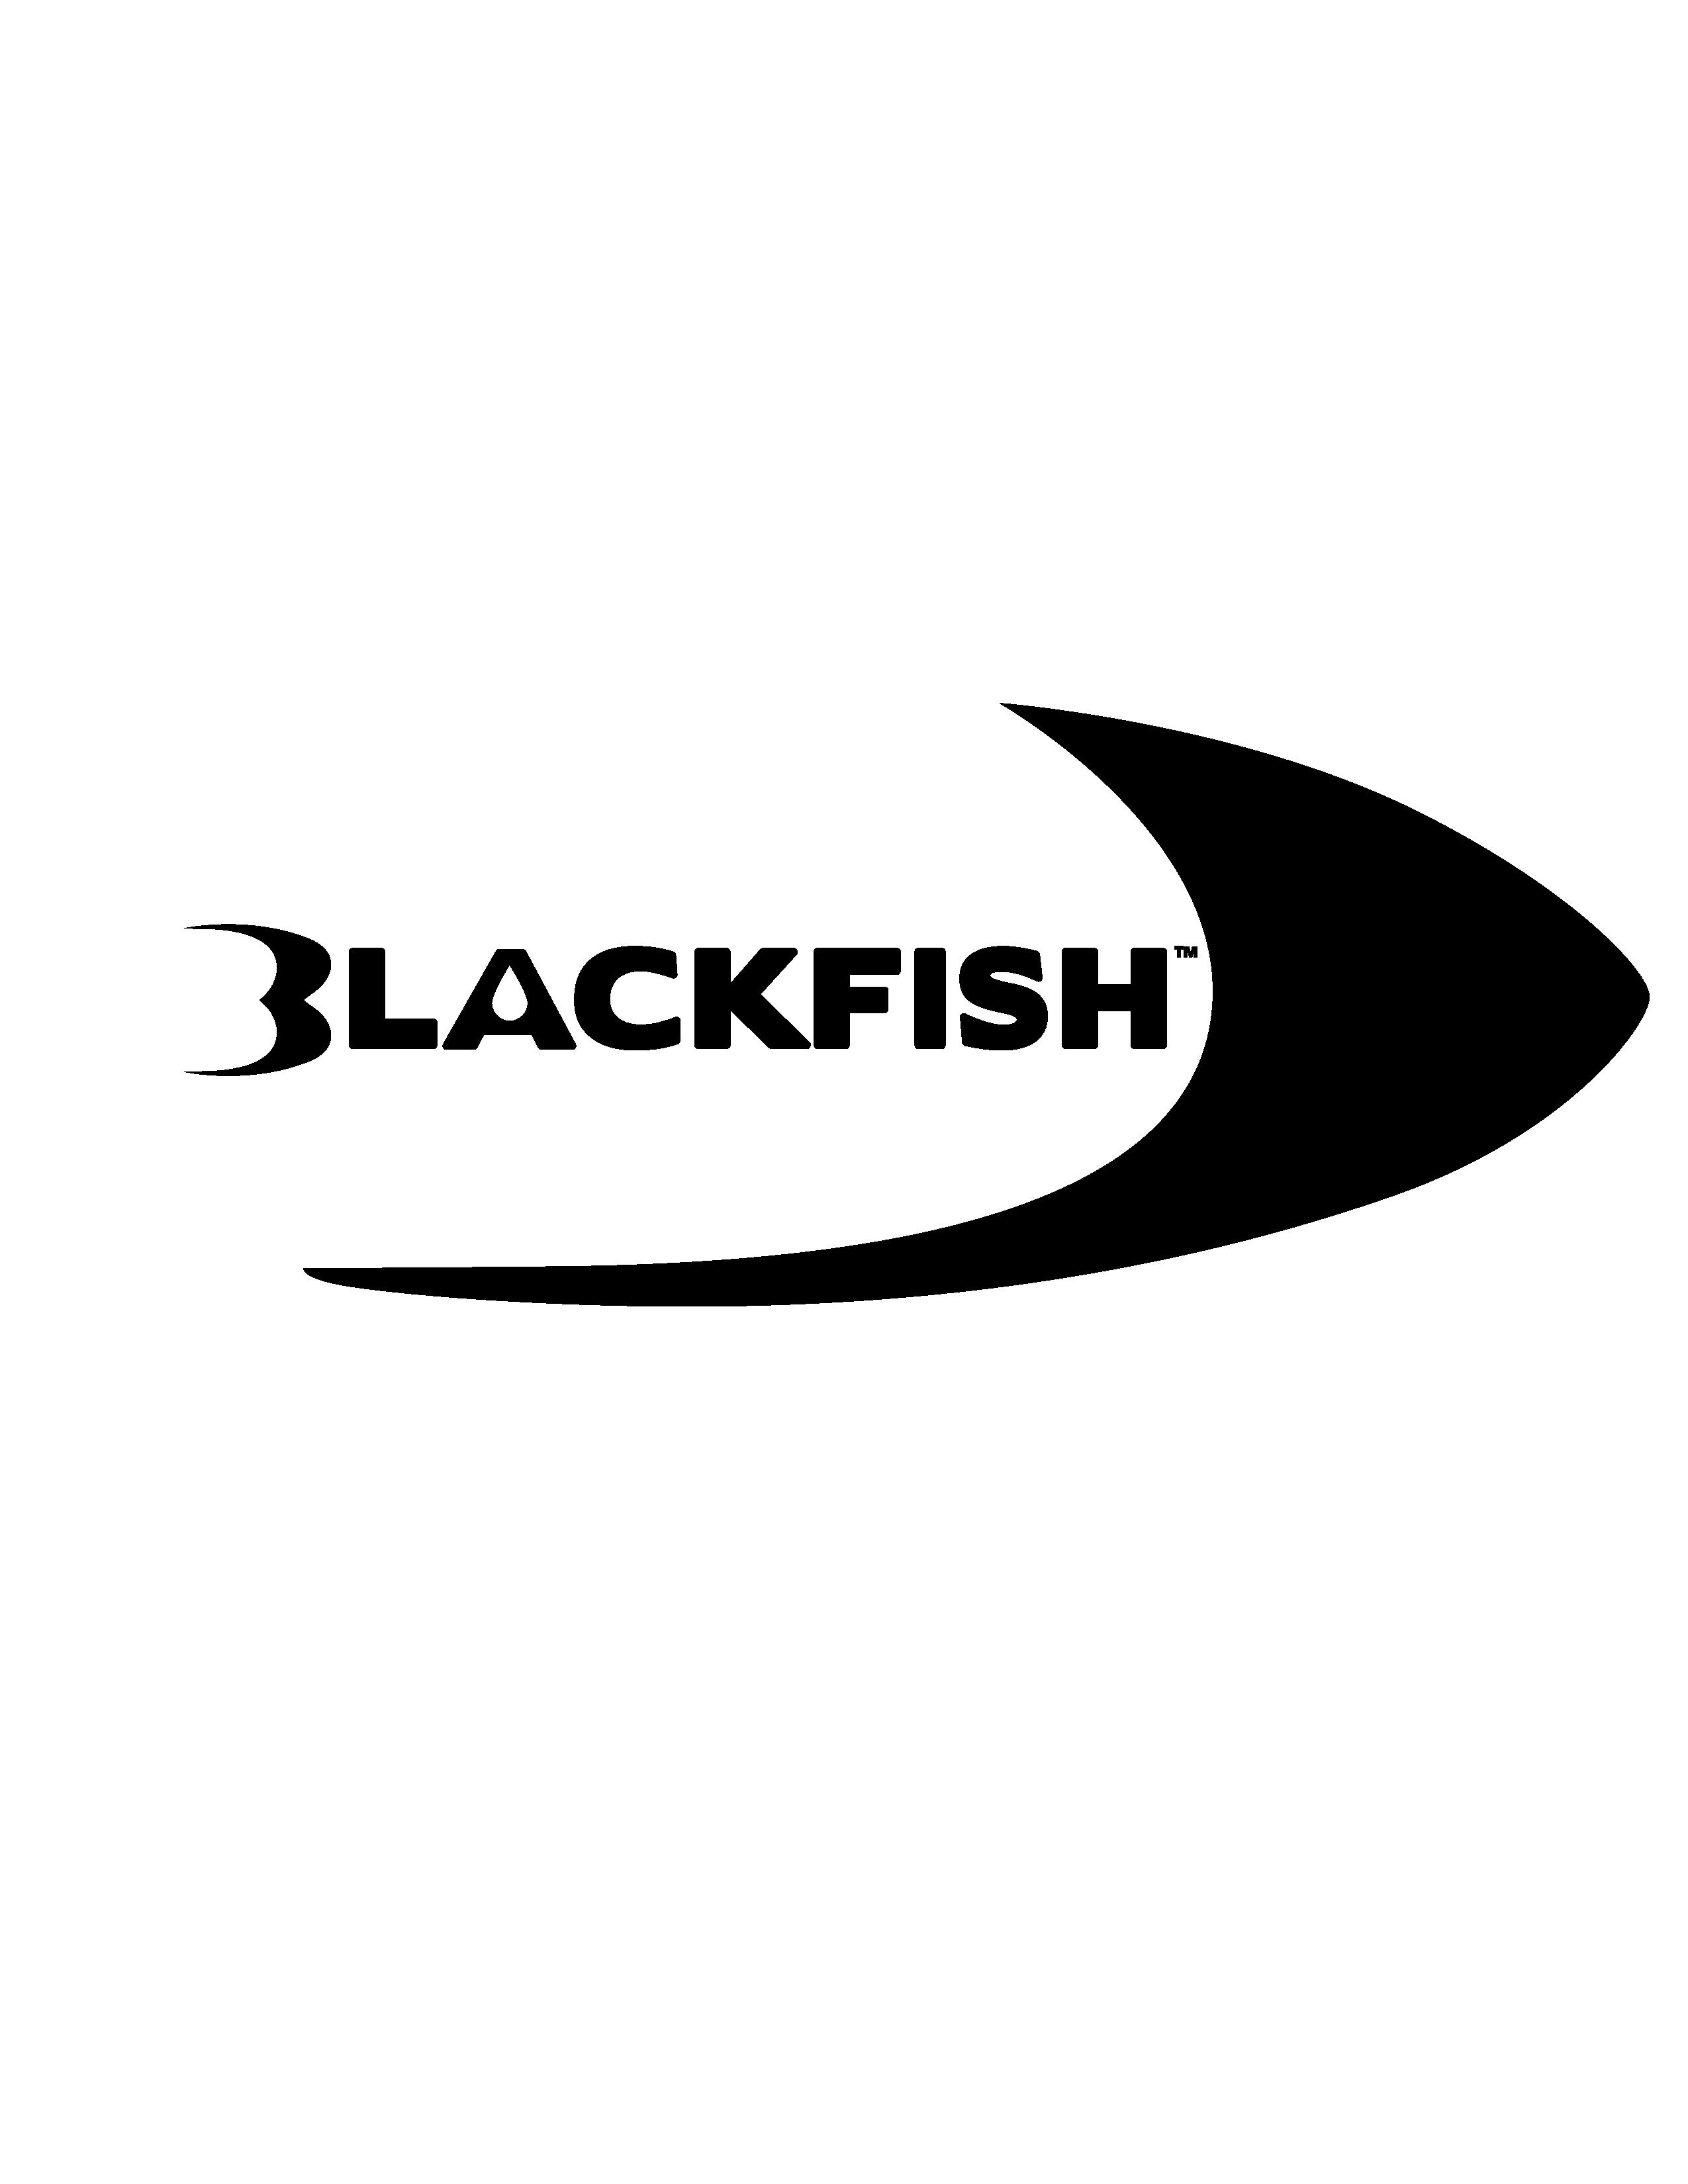 blackfish-logo